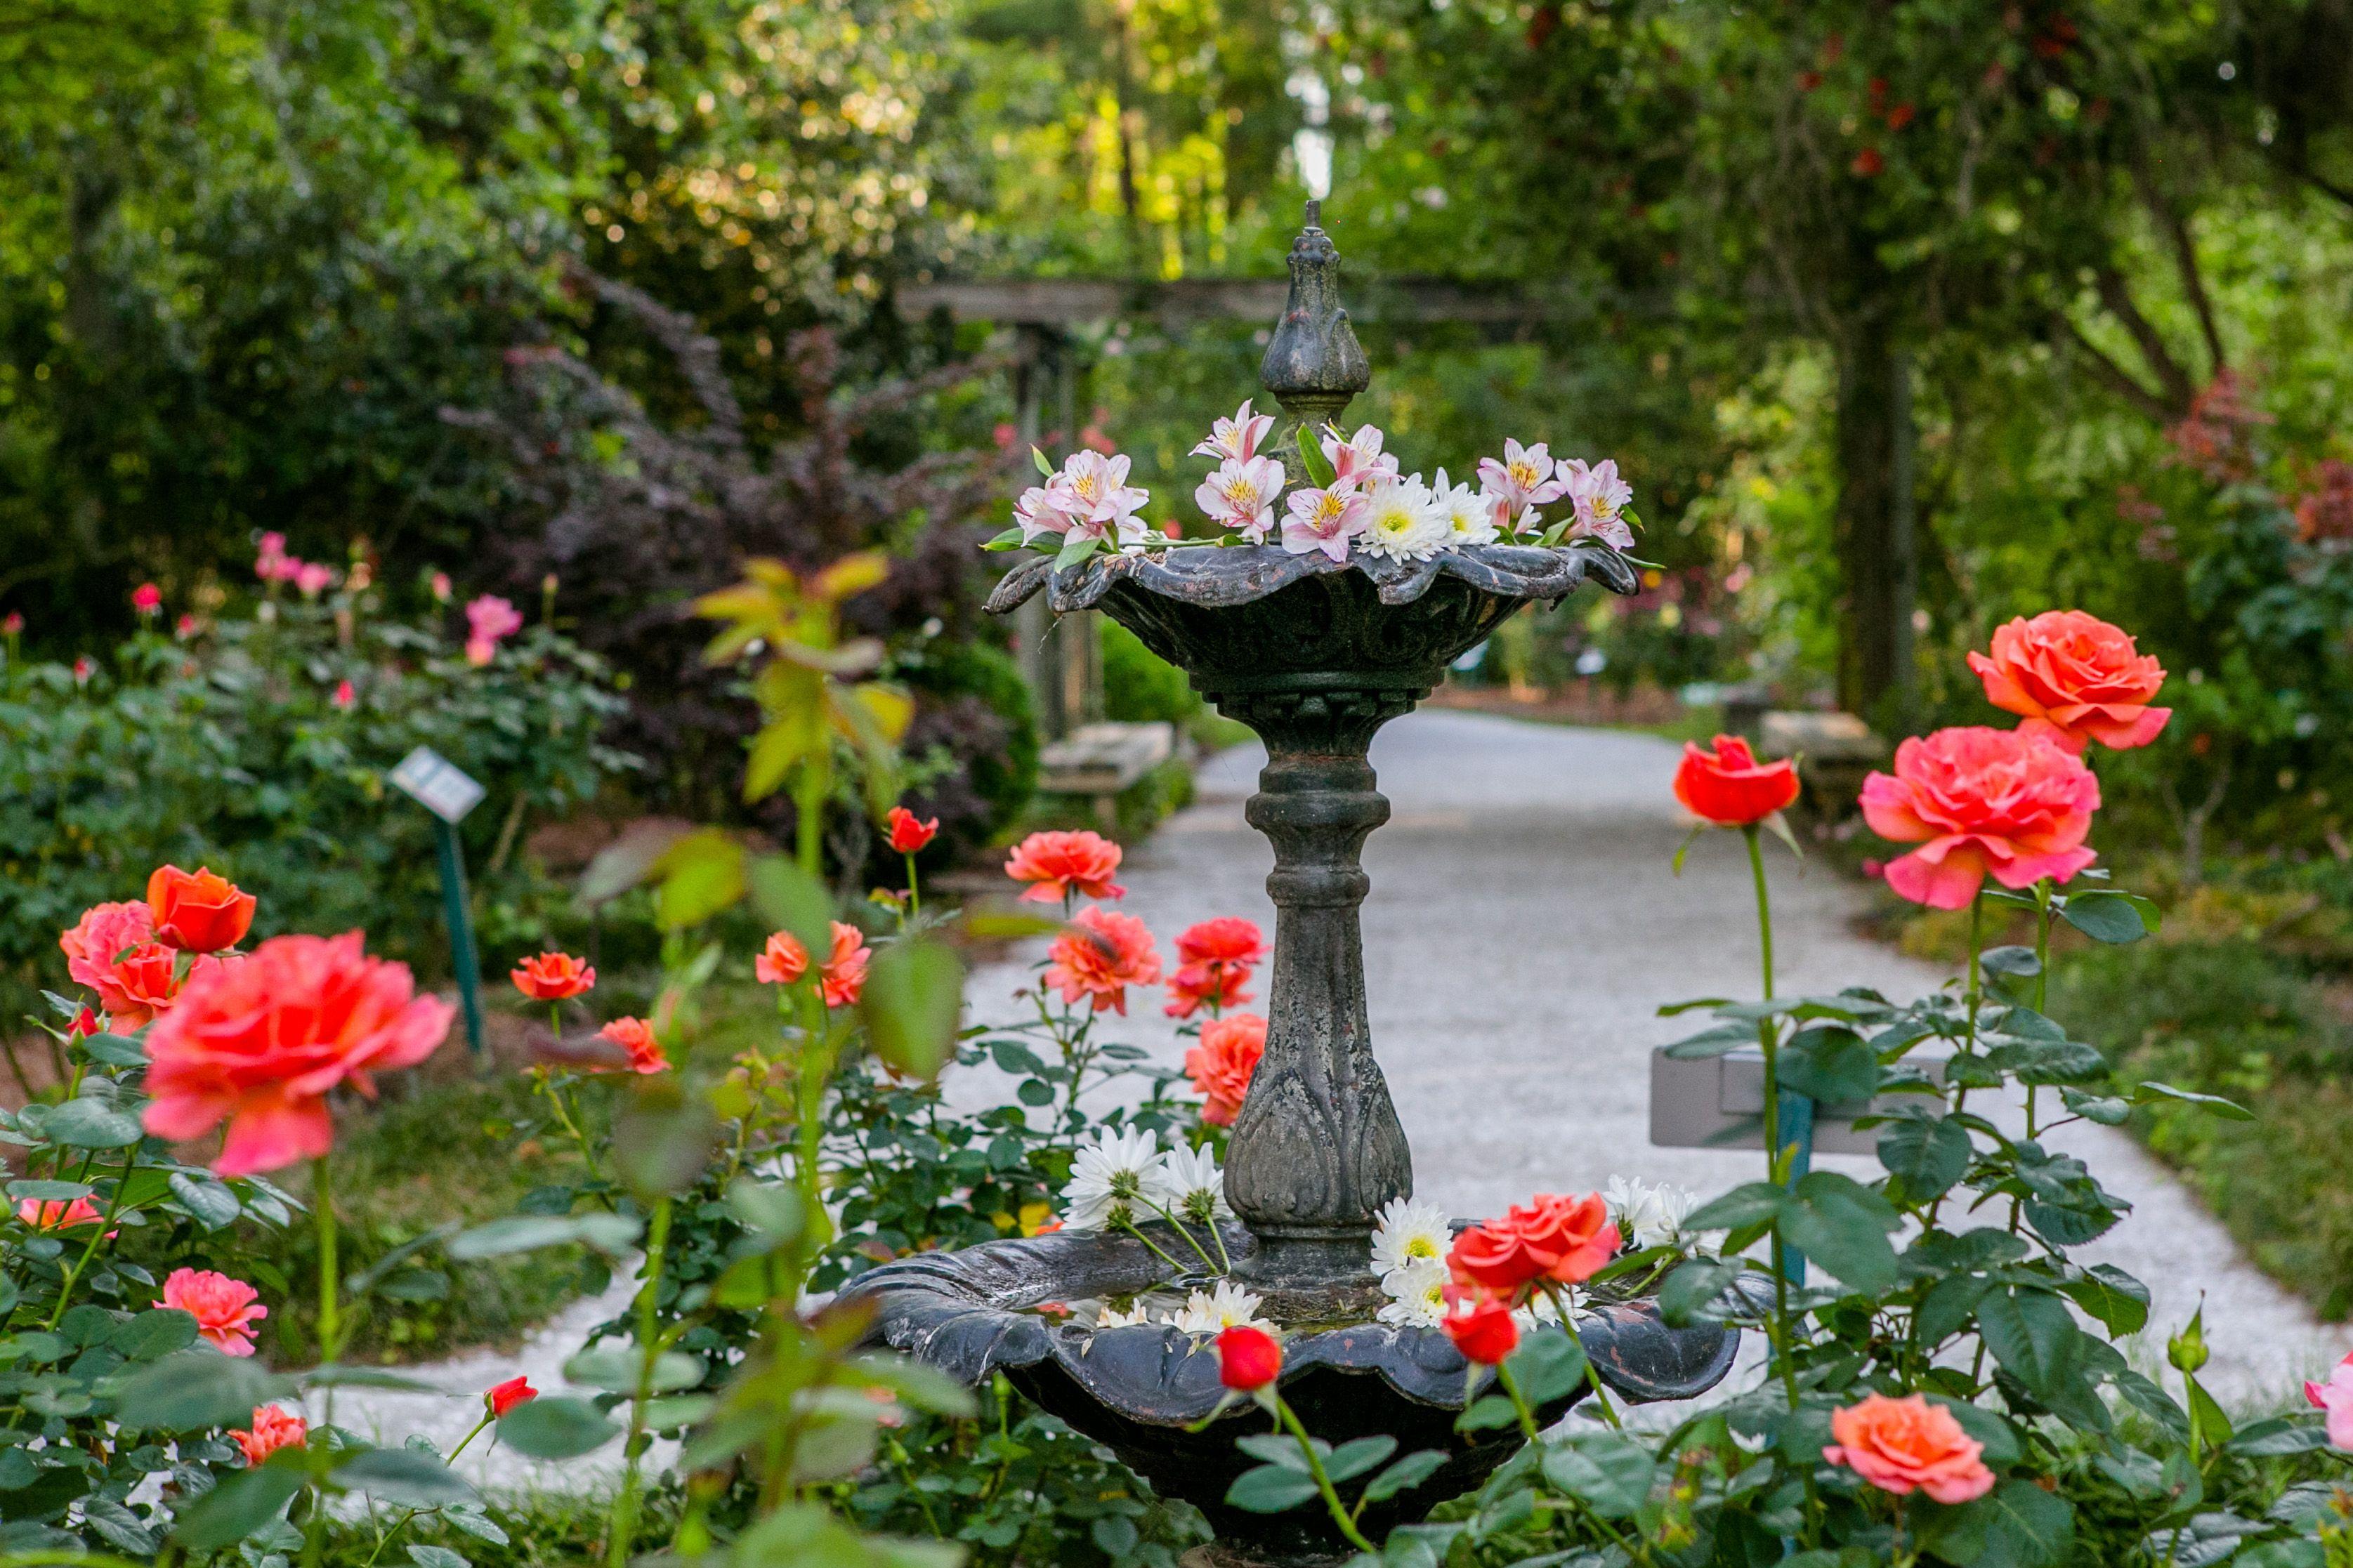 fec27319da7e313b1508b5c05f532283 - How Much Are The Botanical Gardens